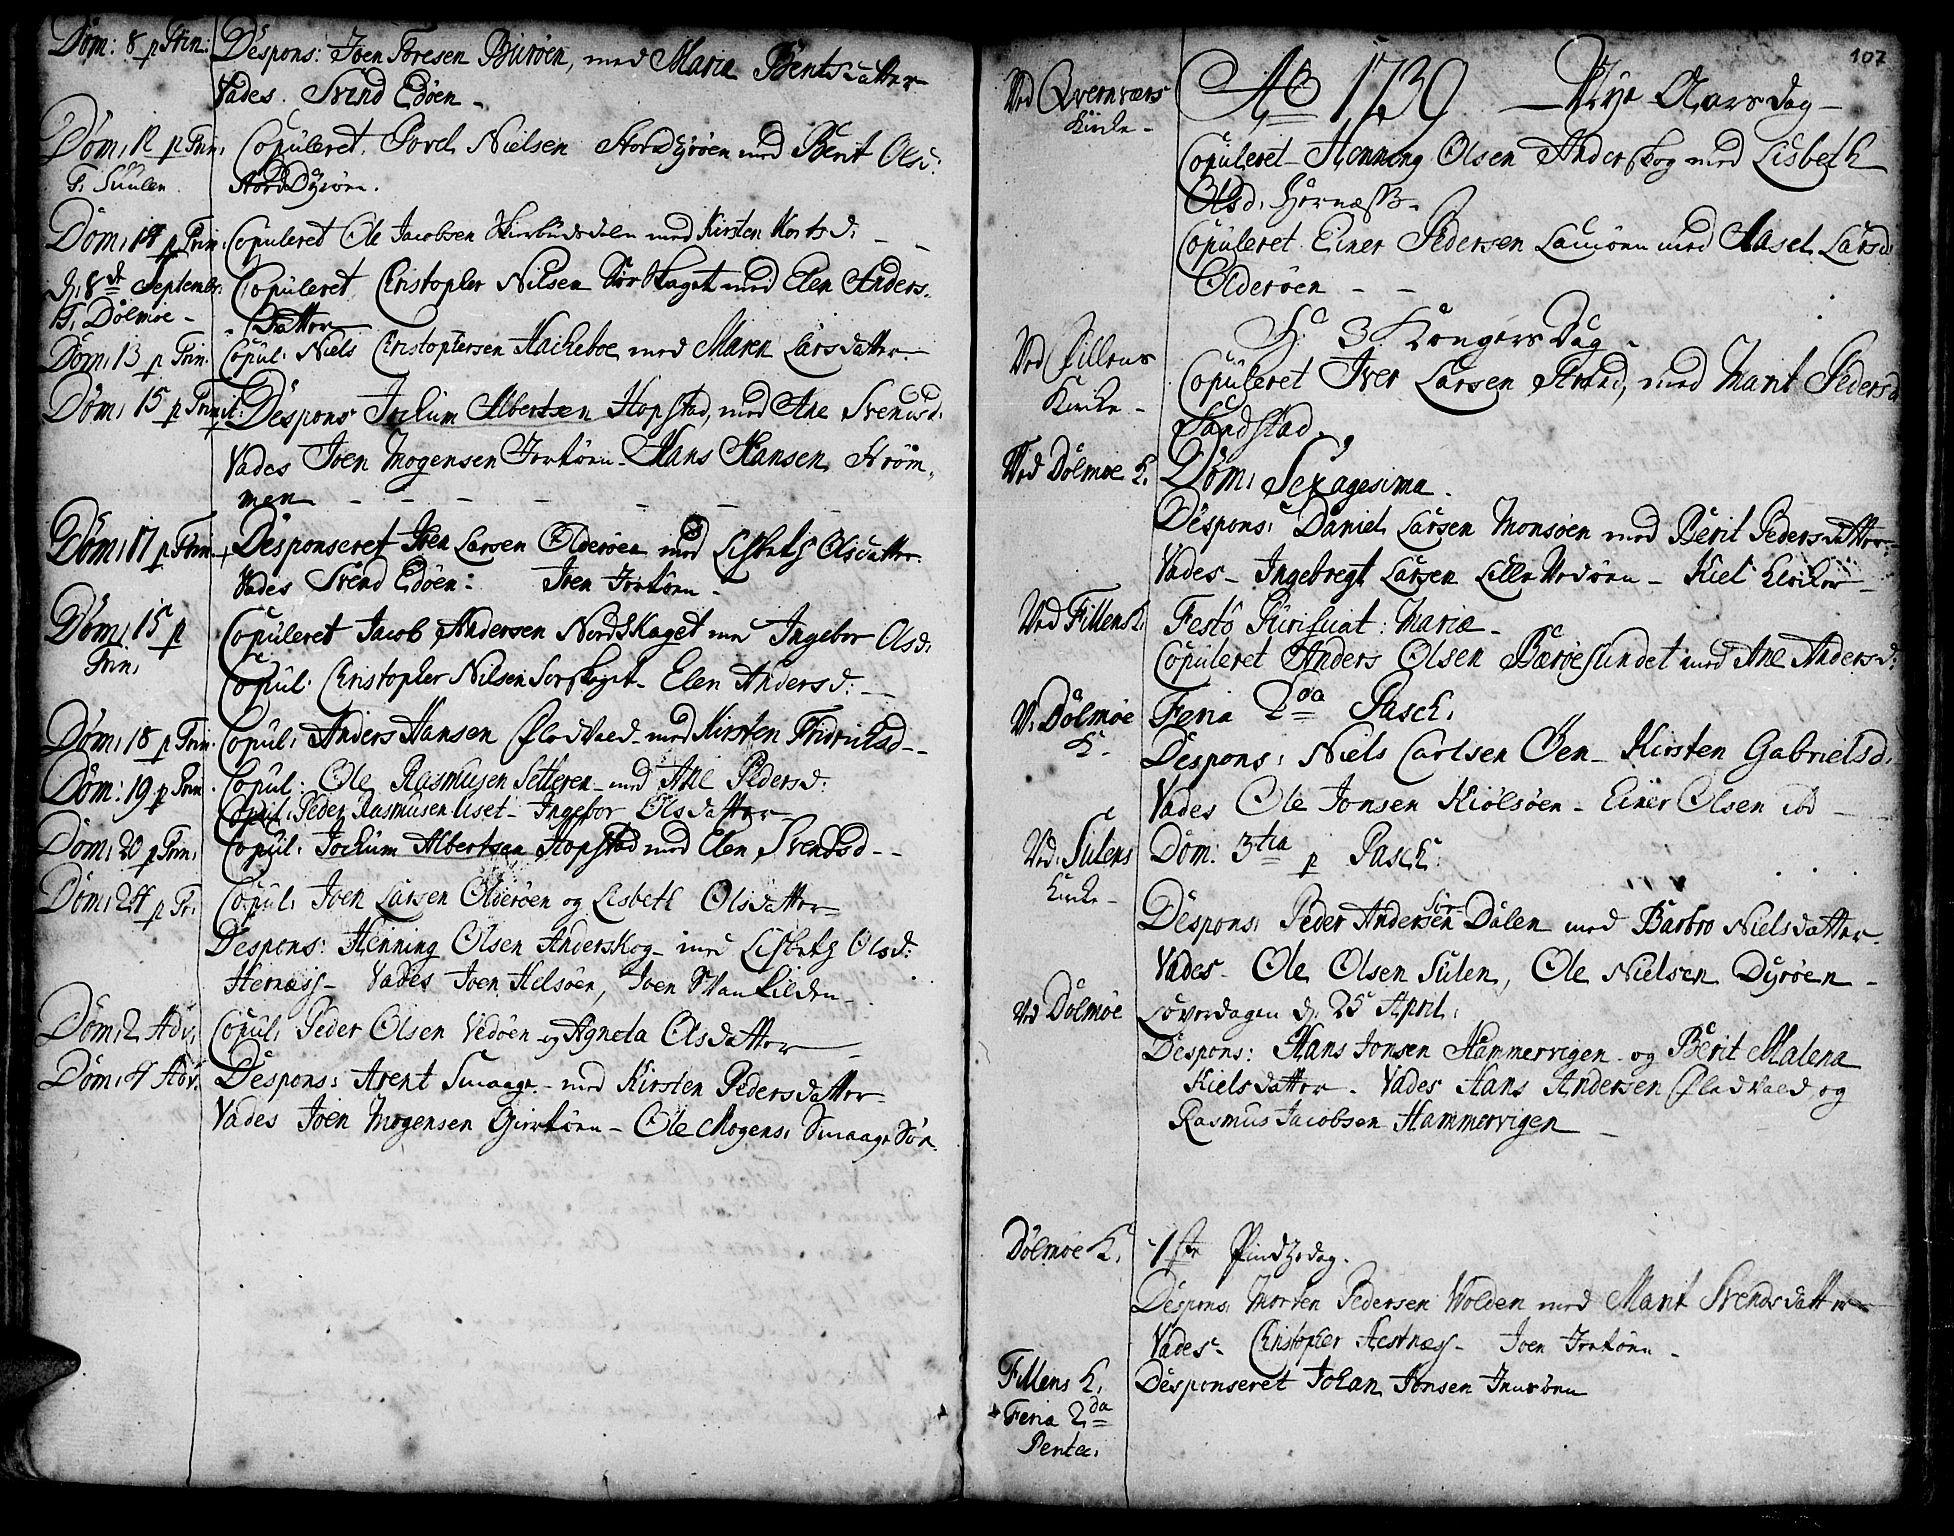 SAT, Ministerialprotokoller, klokkerbøker og fødselsregistre - Sør-Trøndelag, 634/L0525: Ministerialbok nr. 634A01, 1736-1775, s. 107